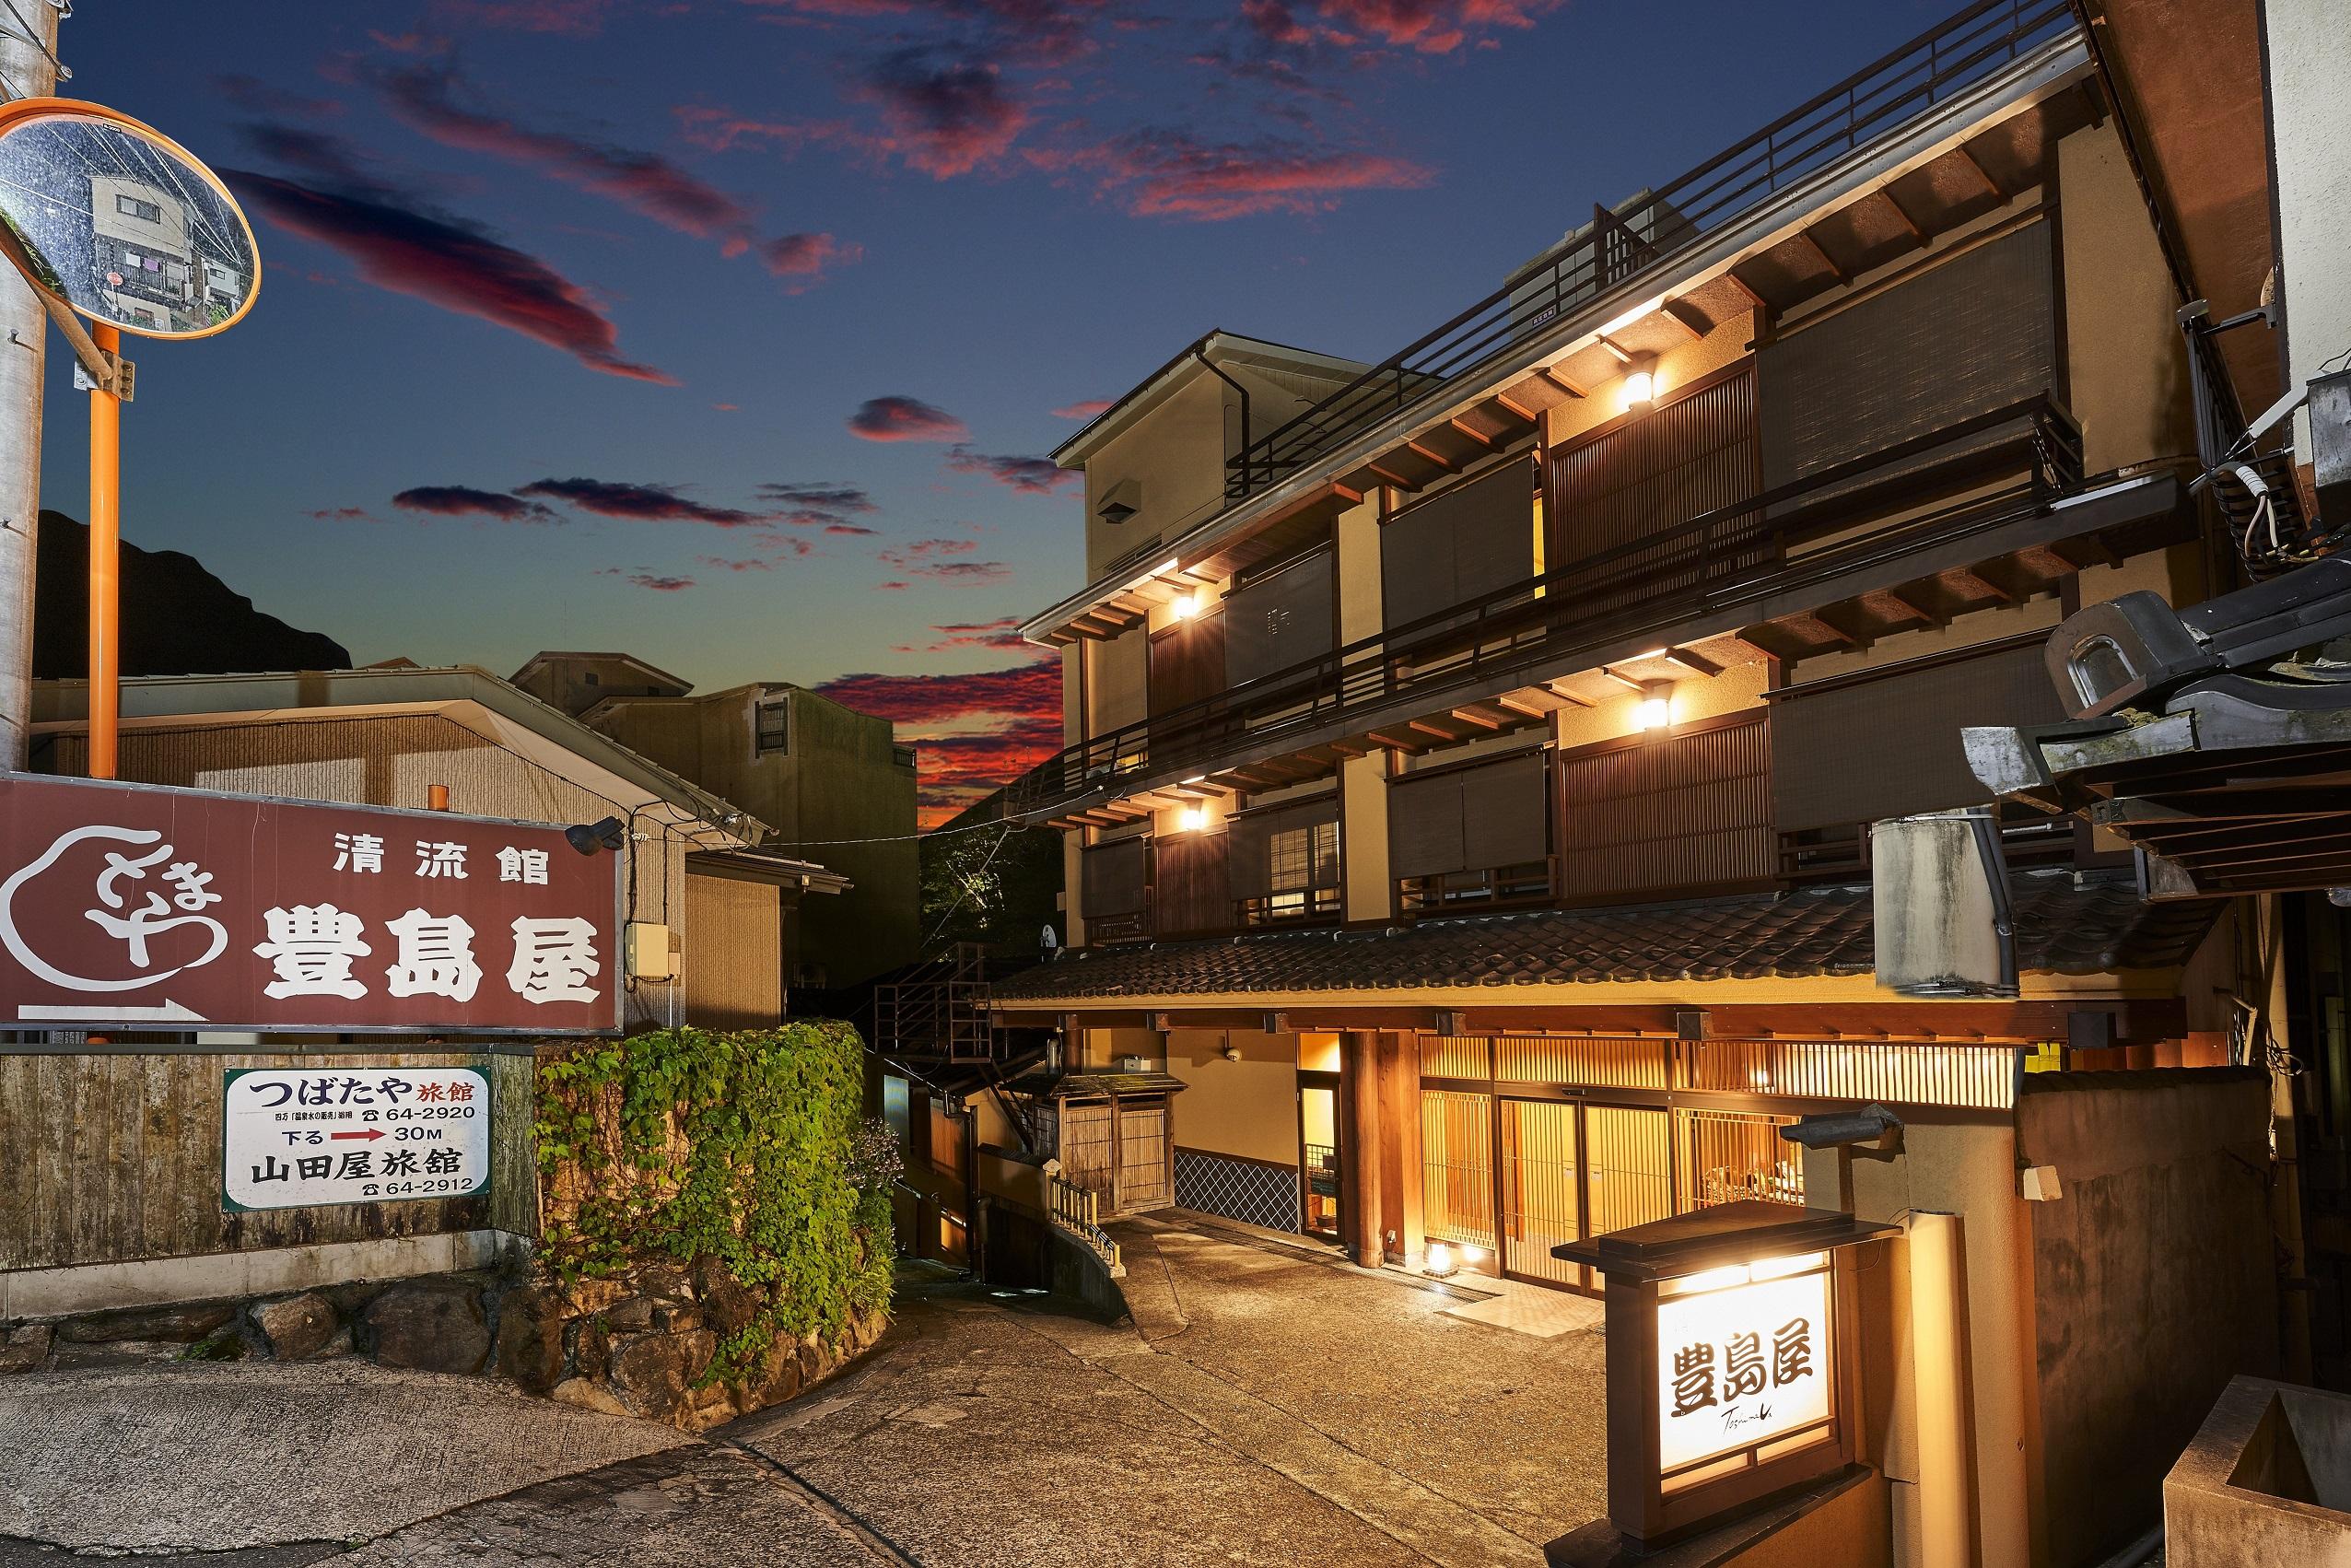 四万温泉に4万円以内で泊まれる、露天風呂付客室がある宿はありますか?